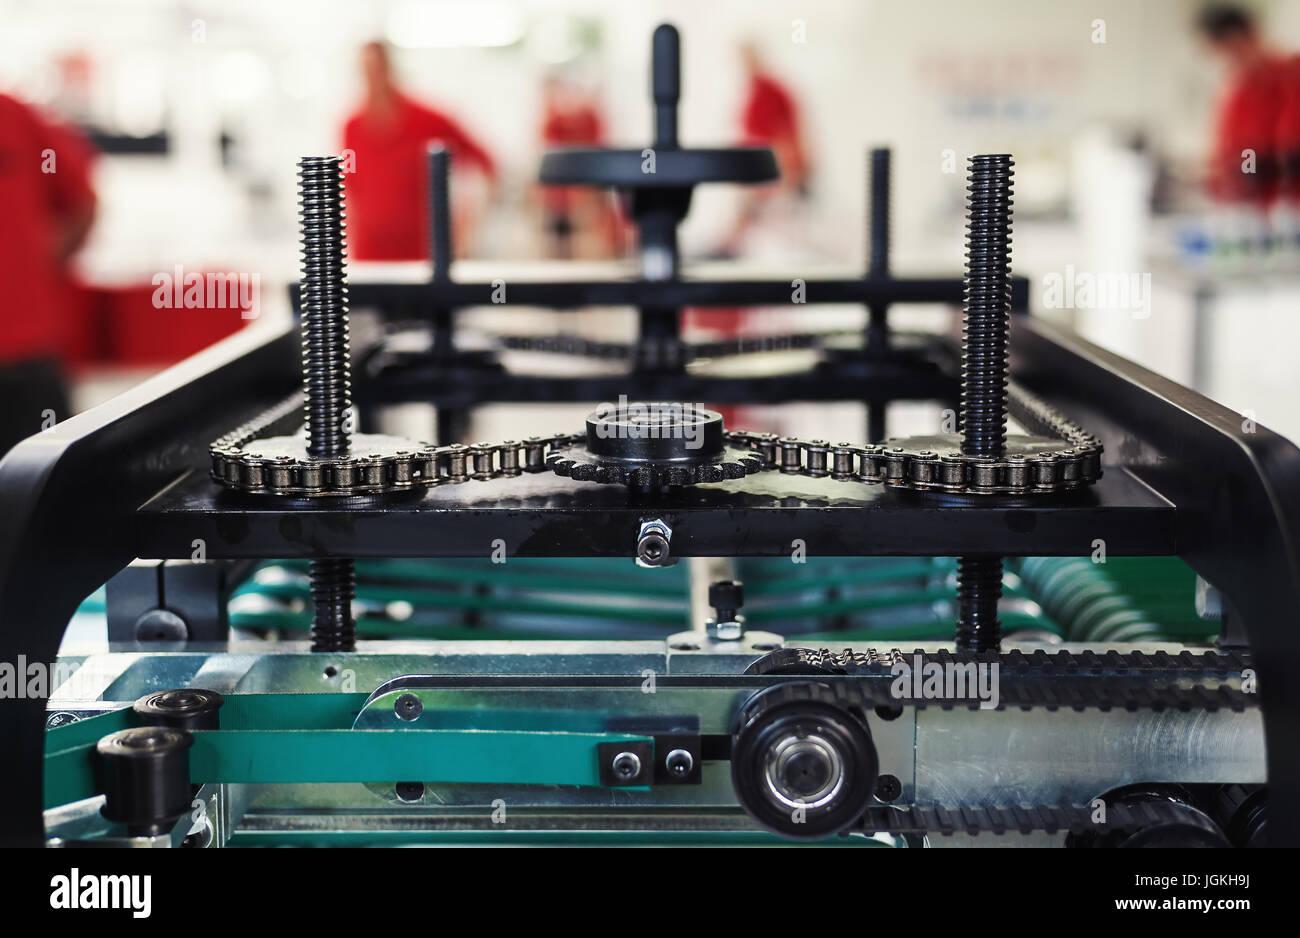 Composition abstraite de la fabrication de machines industrielles pour l'emballage. Photo Stock